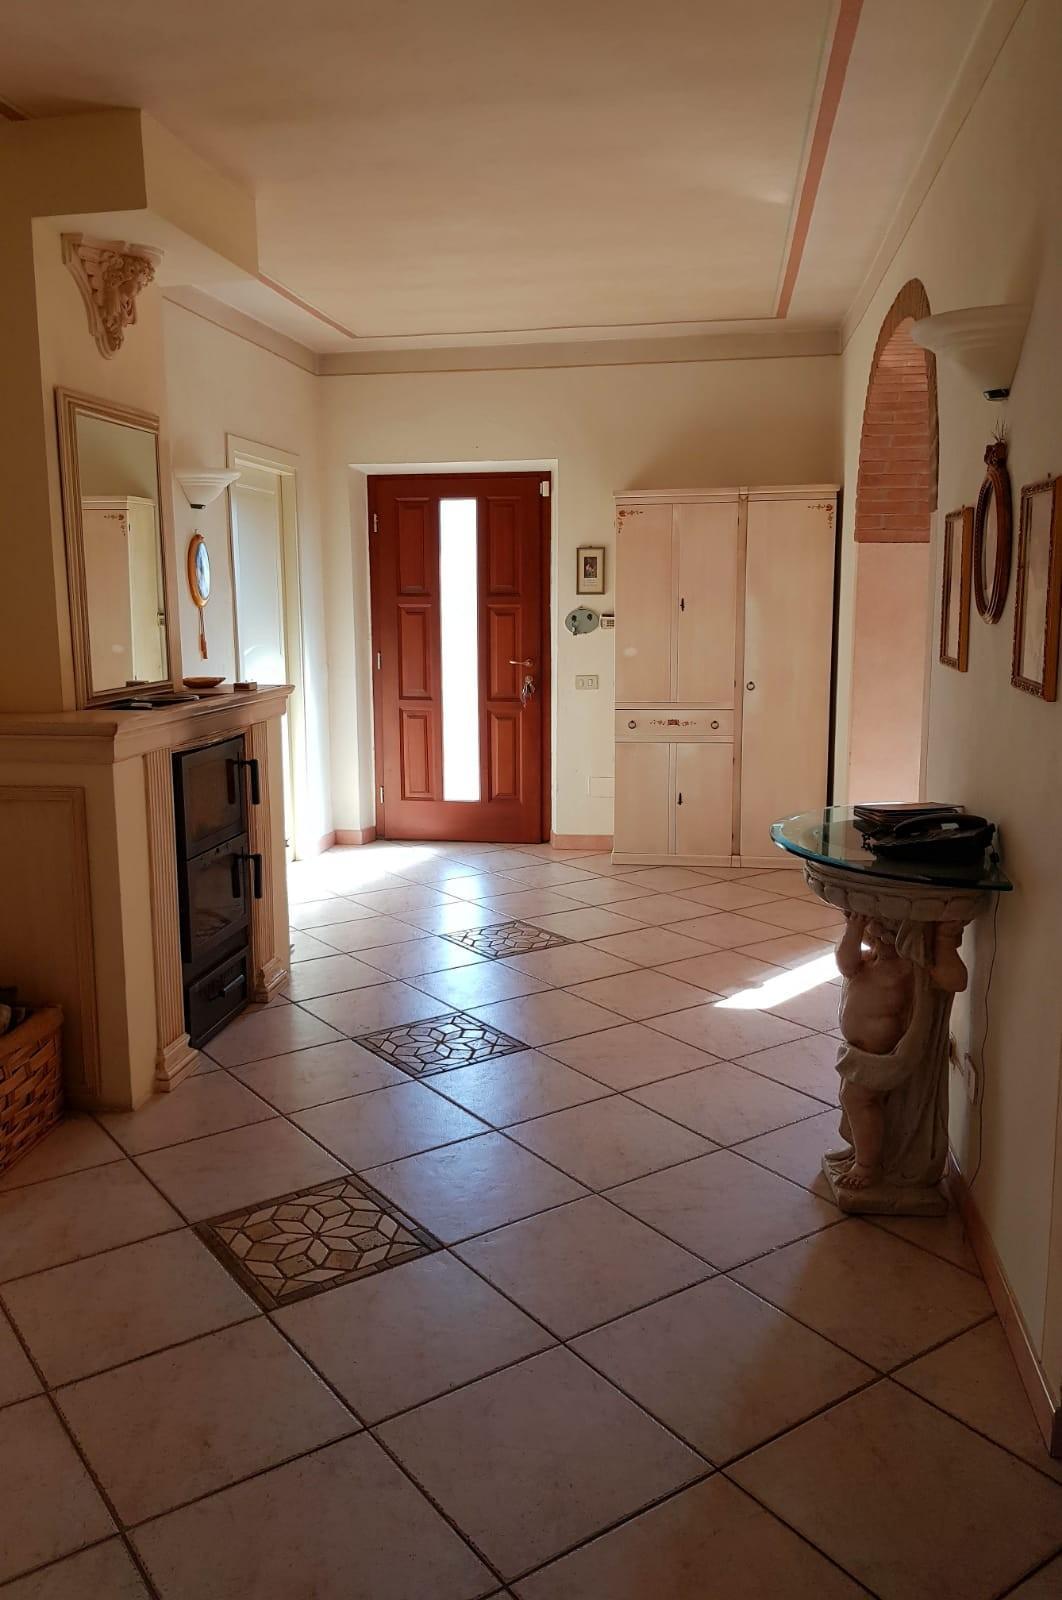 Casa semindipendente in vendita a Peccioli (PI)